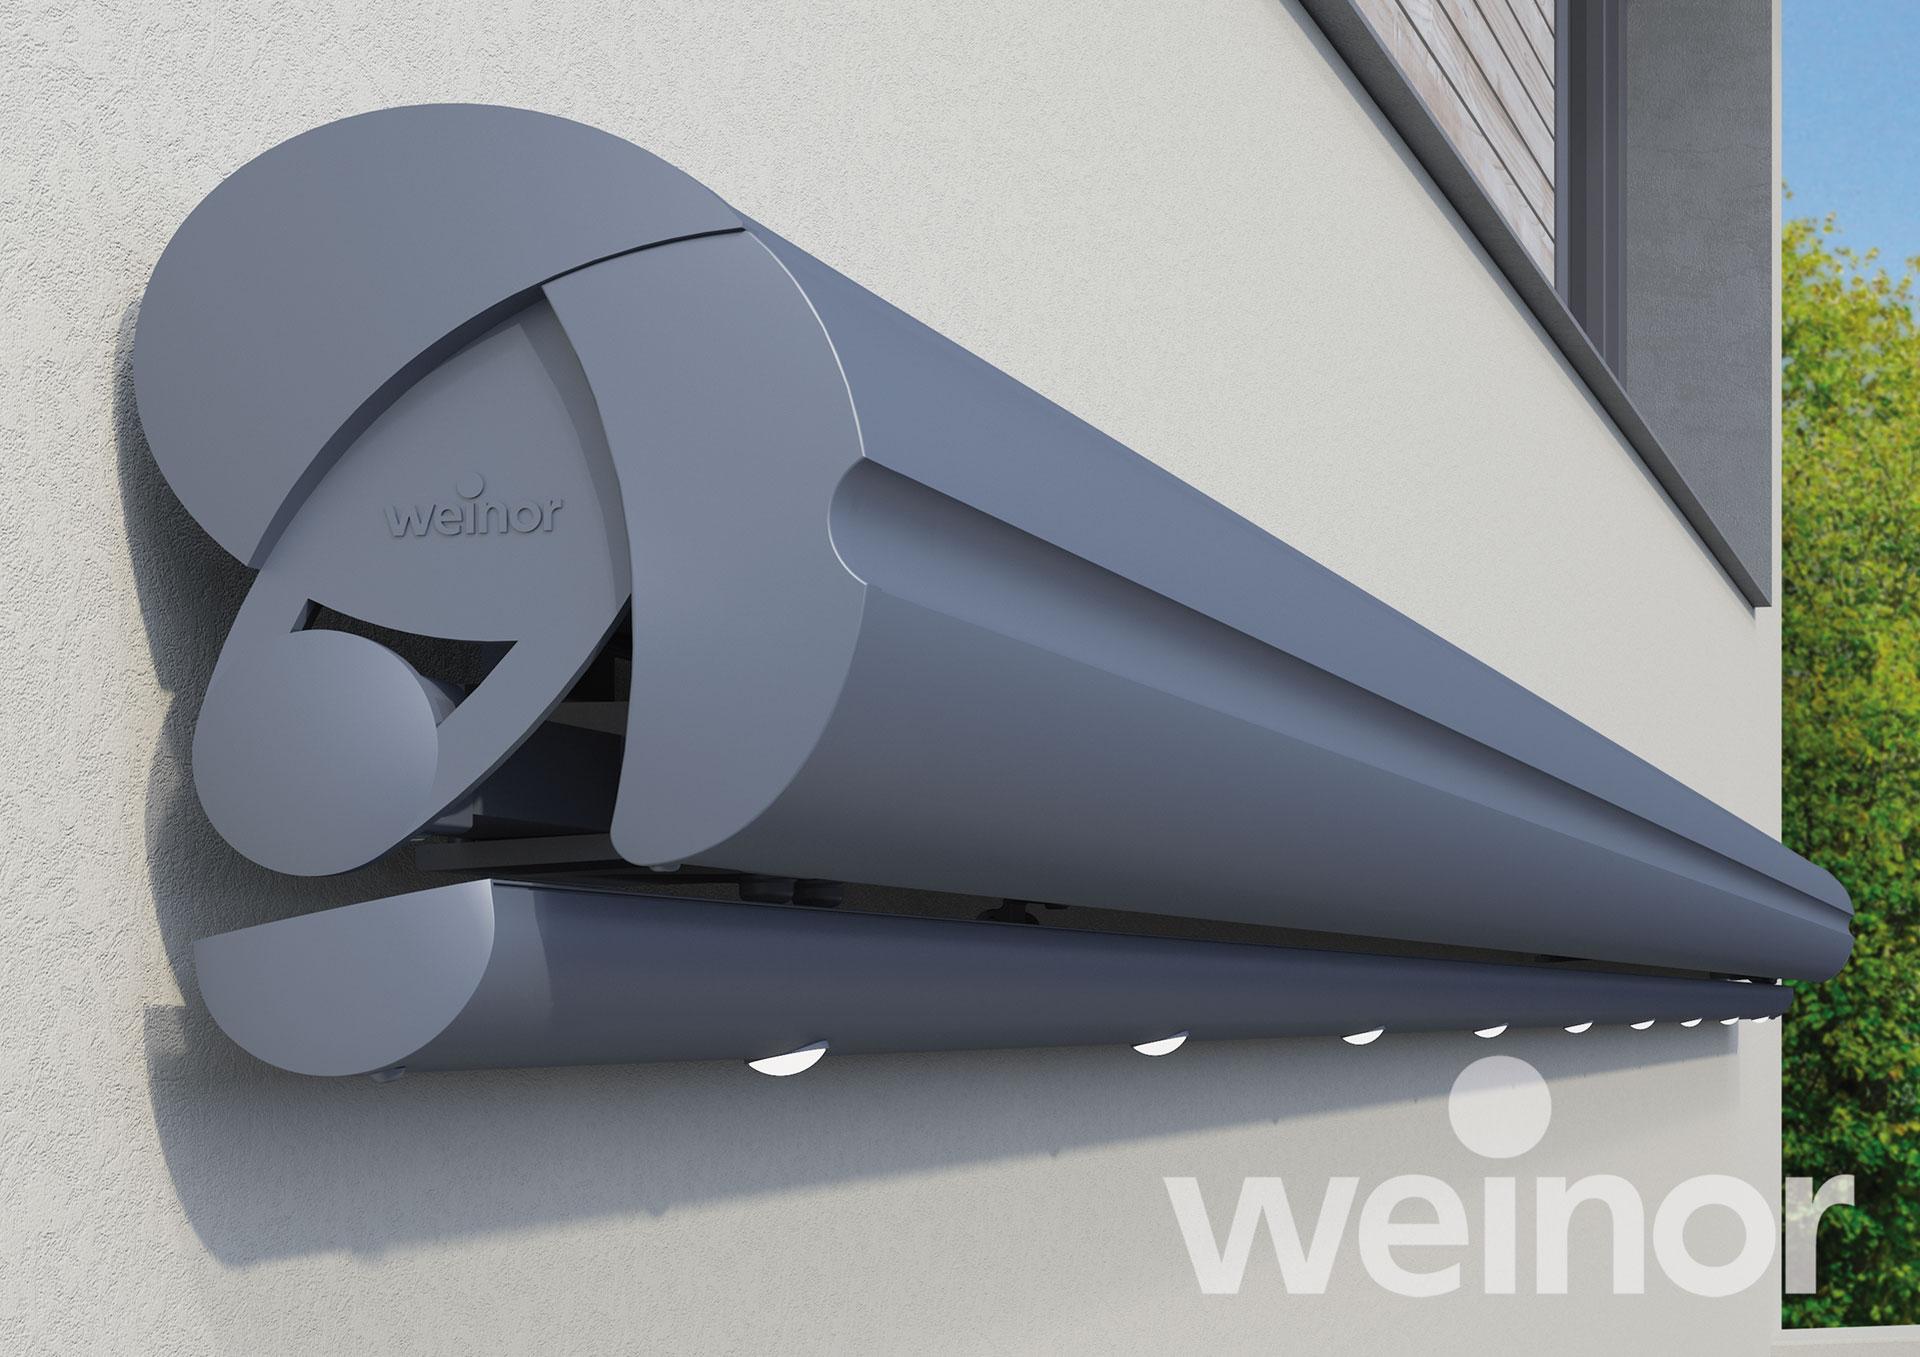 Halbkassettenmarkise Weinor Semina LED - EcoWintergärten